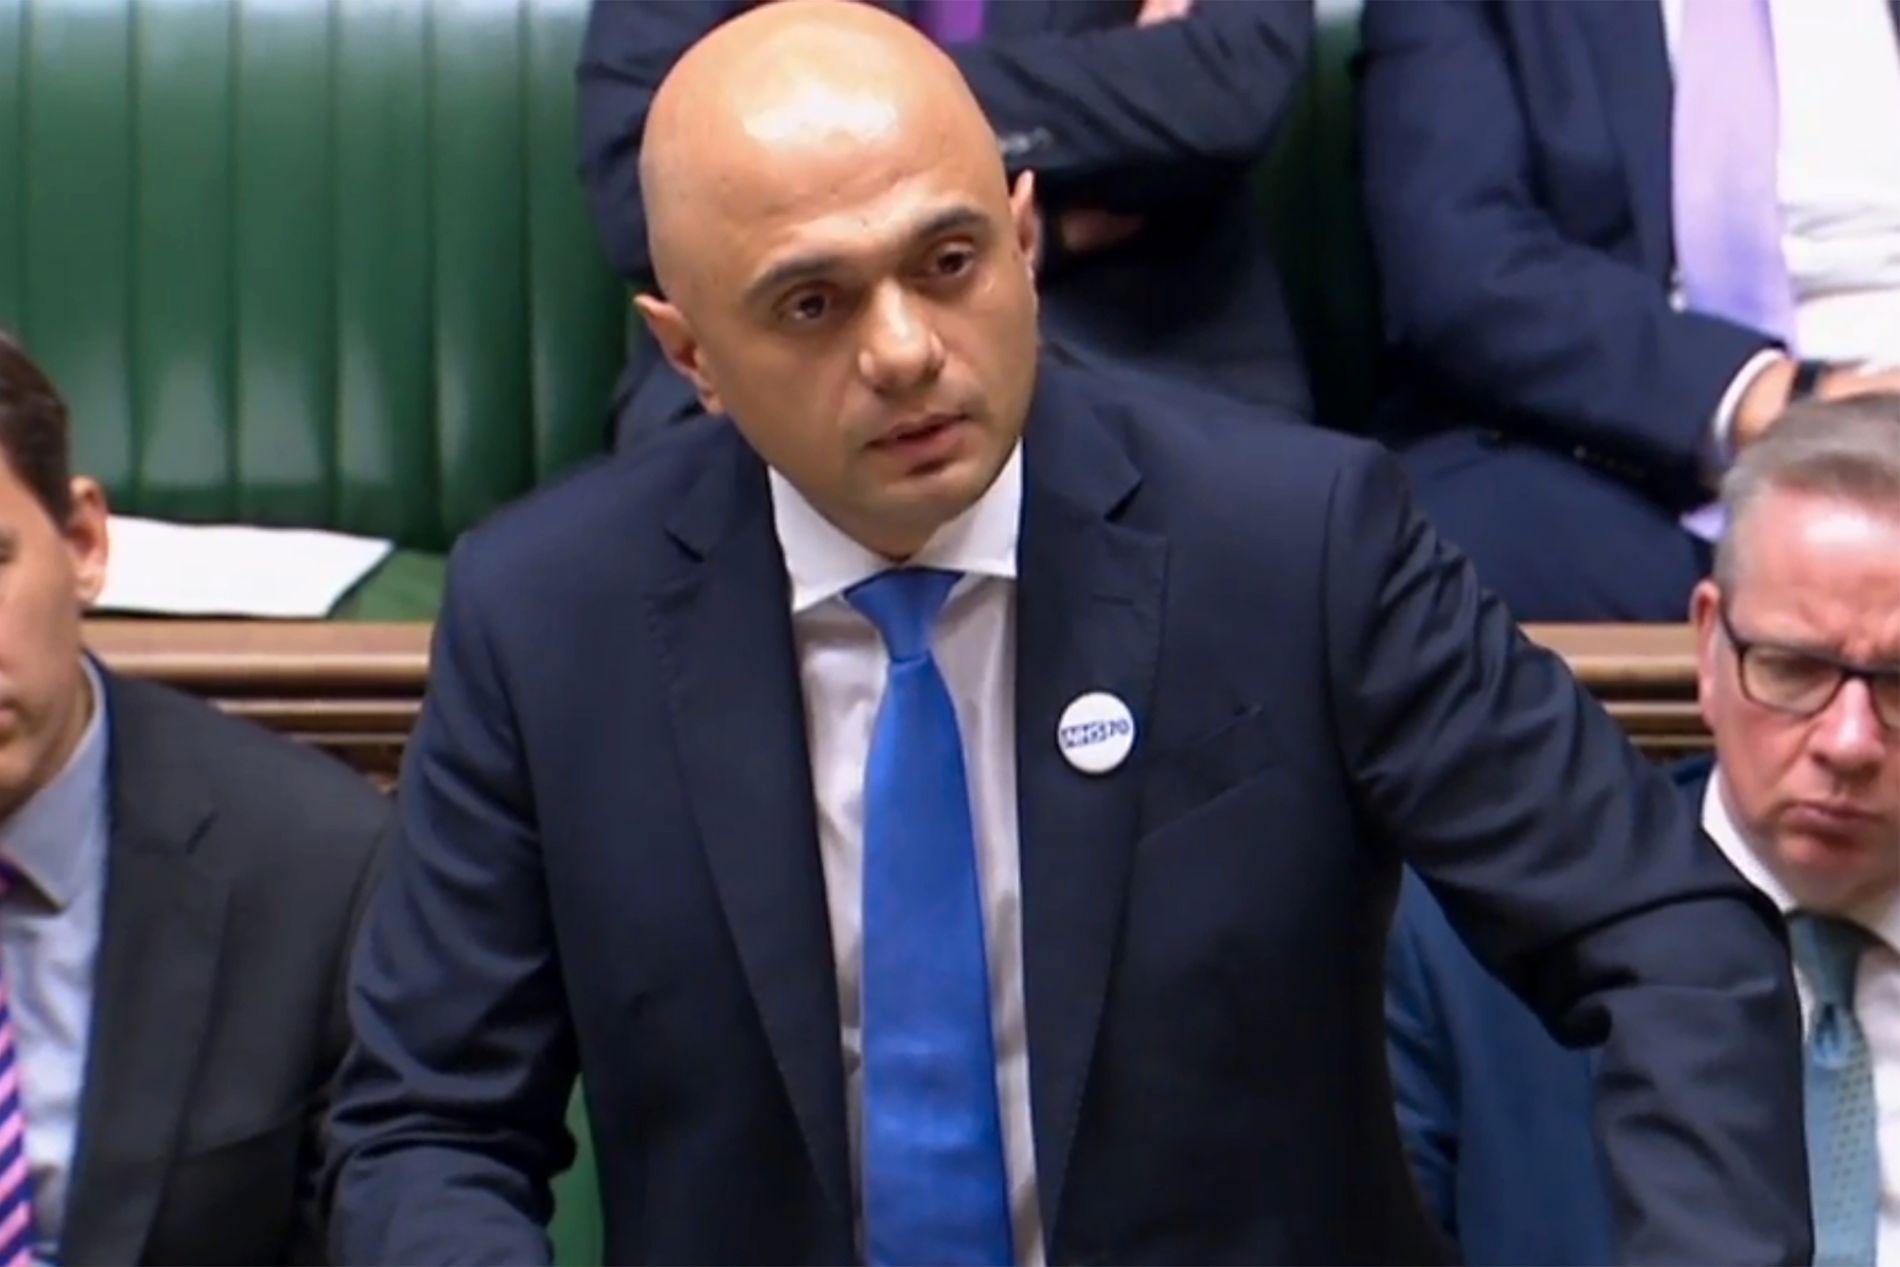 VIL HA RUSSLAND I TALE: Den britiske innenriksministeren Sajid Javid, her avbildet i Parlamentet torsdag, da han ga en oppdatering om det britiske paret utsatt for nervegass.